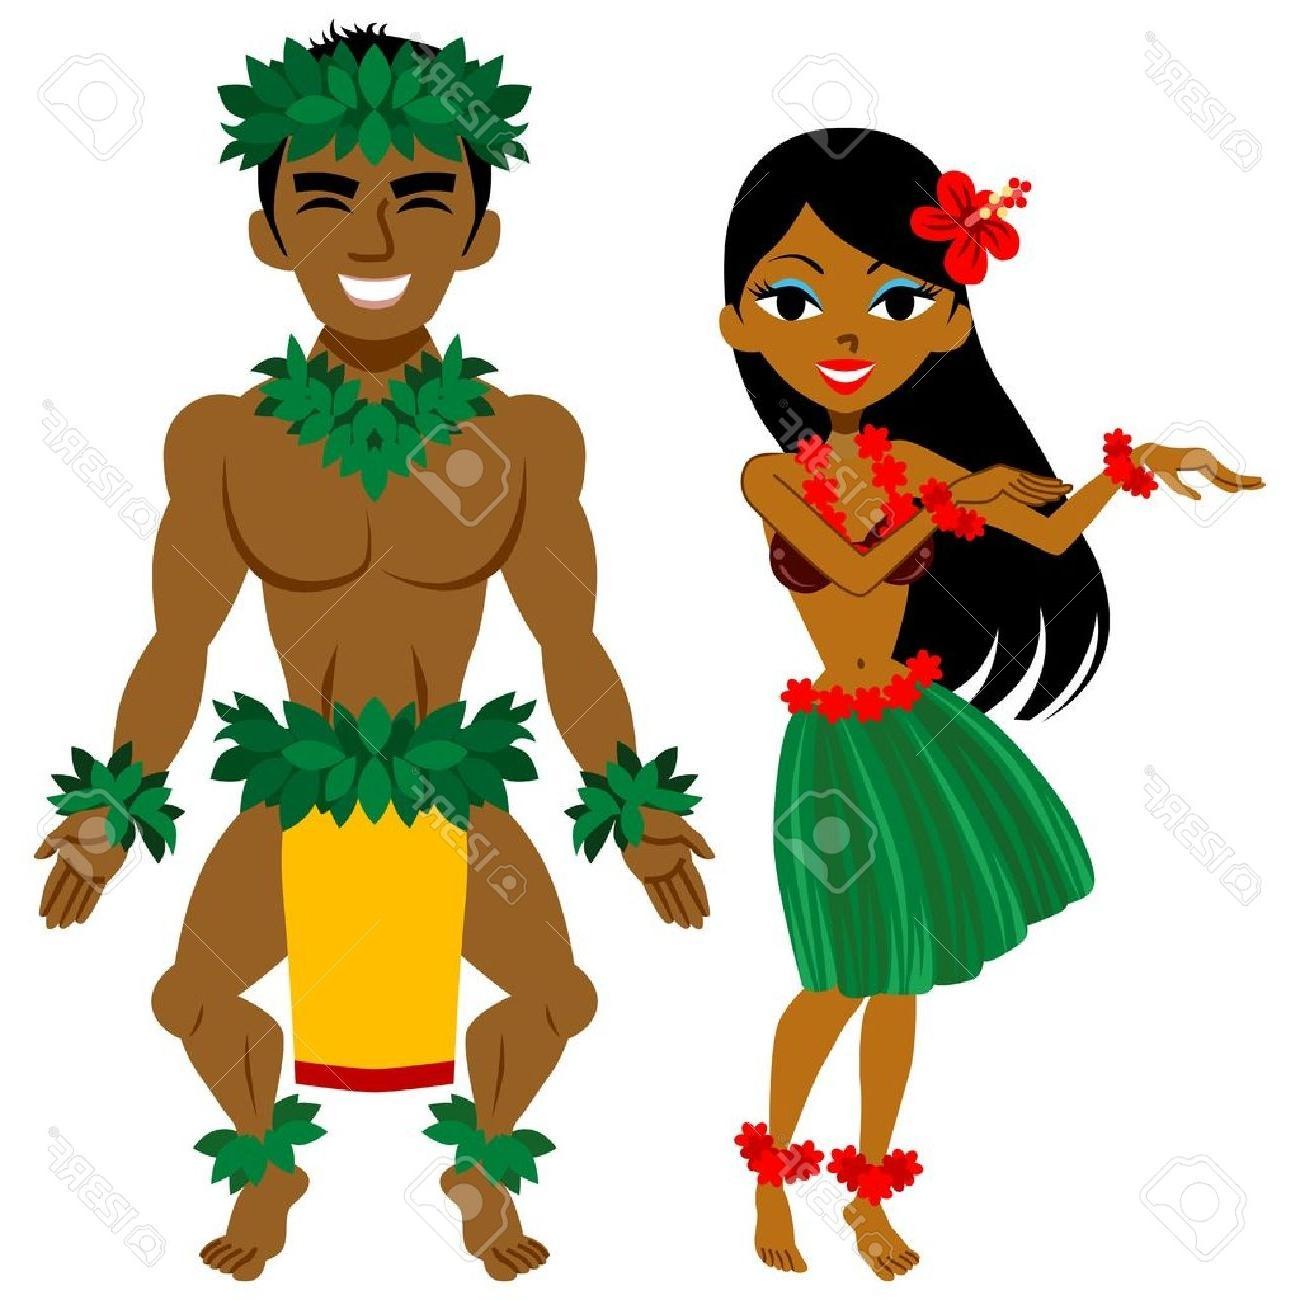 Hawaiian clipart hula dance, Hawaiian hula dance Transparent.